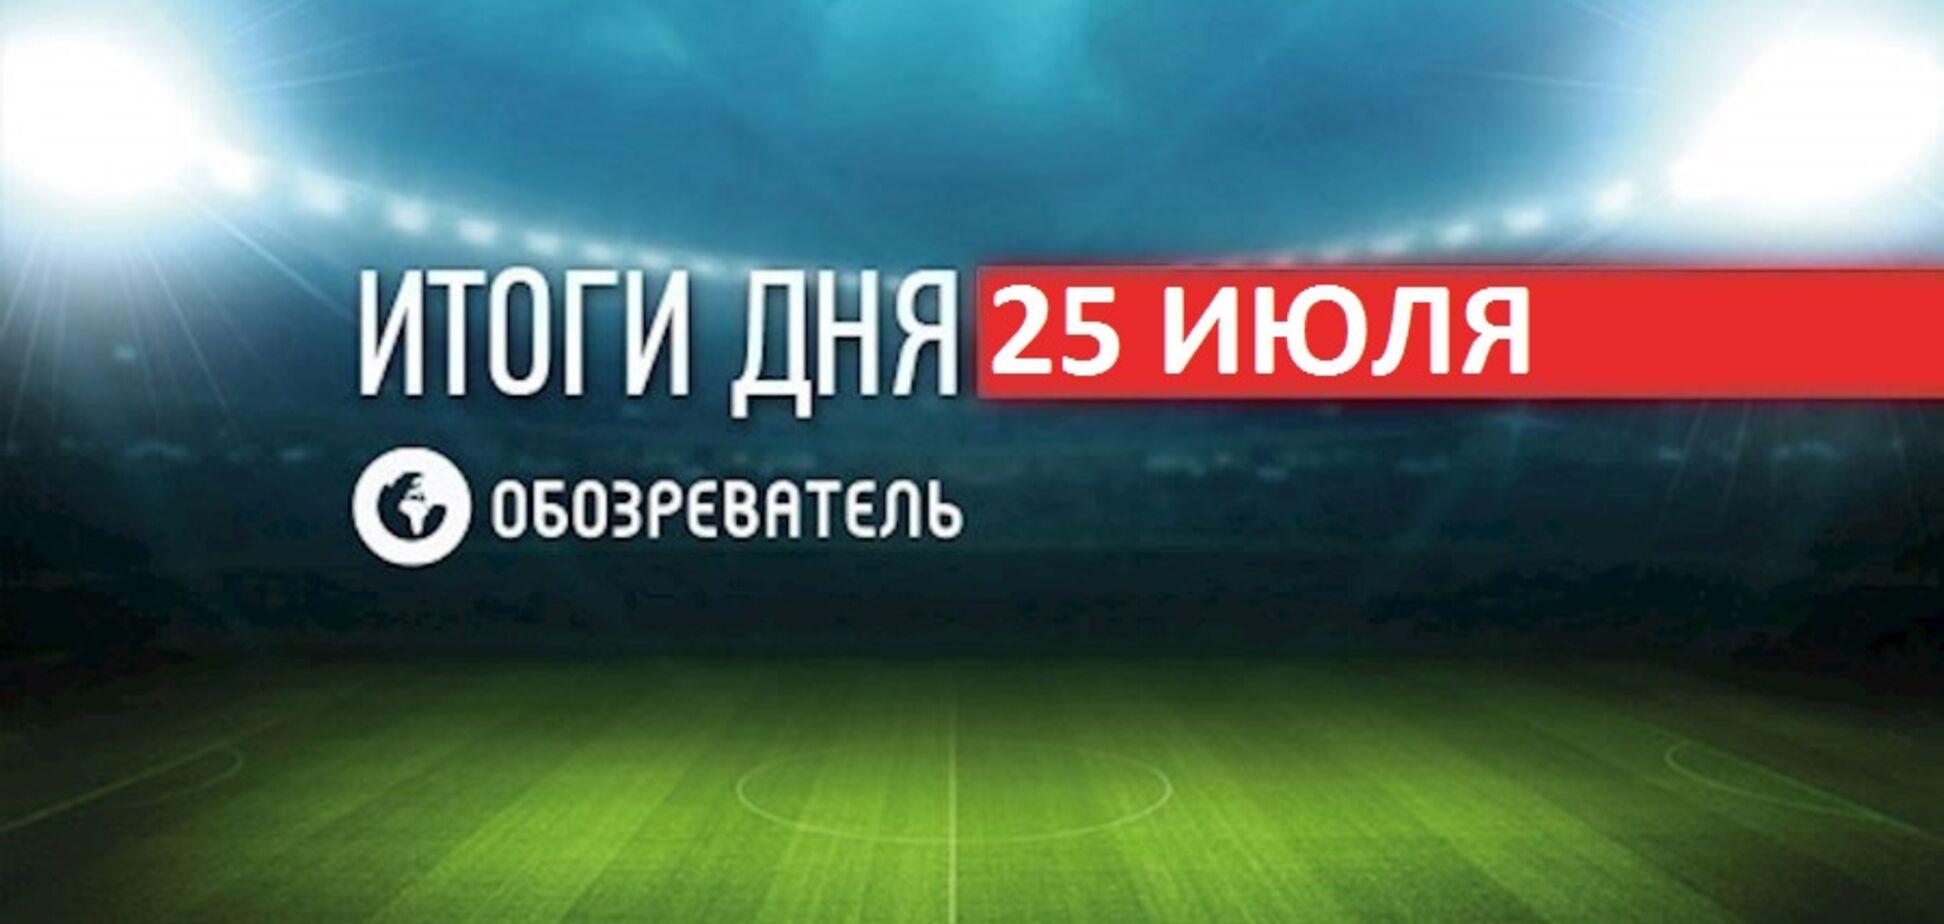 З'явилося круте відео з кутка Усика під час бою з Гассієвим: спортивні підсумки 25 липня